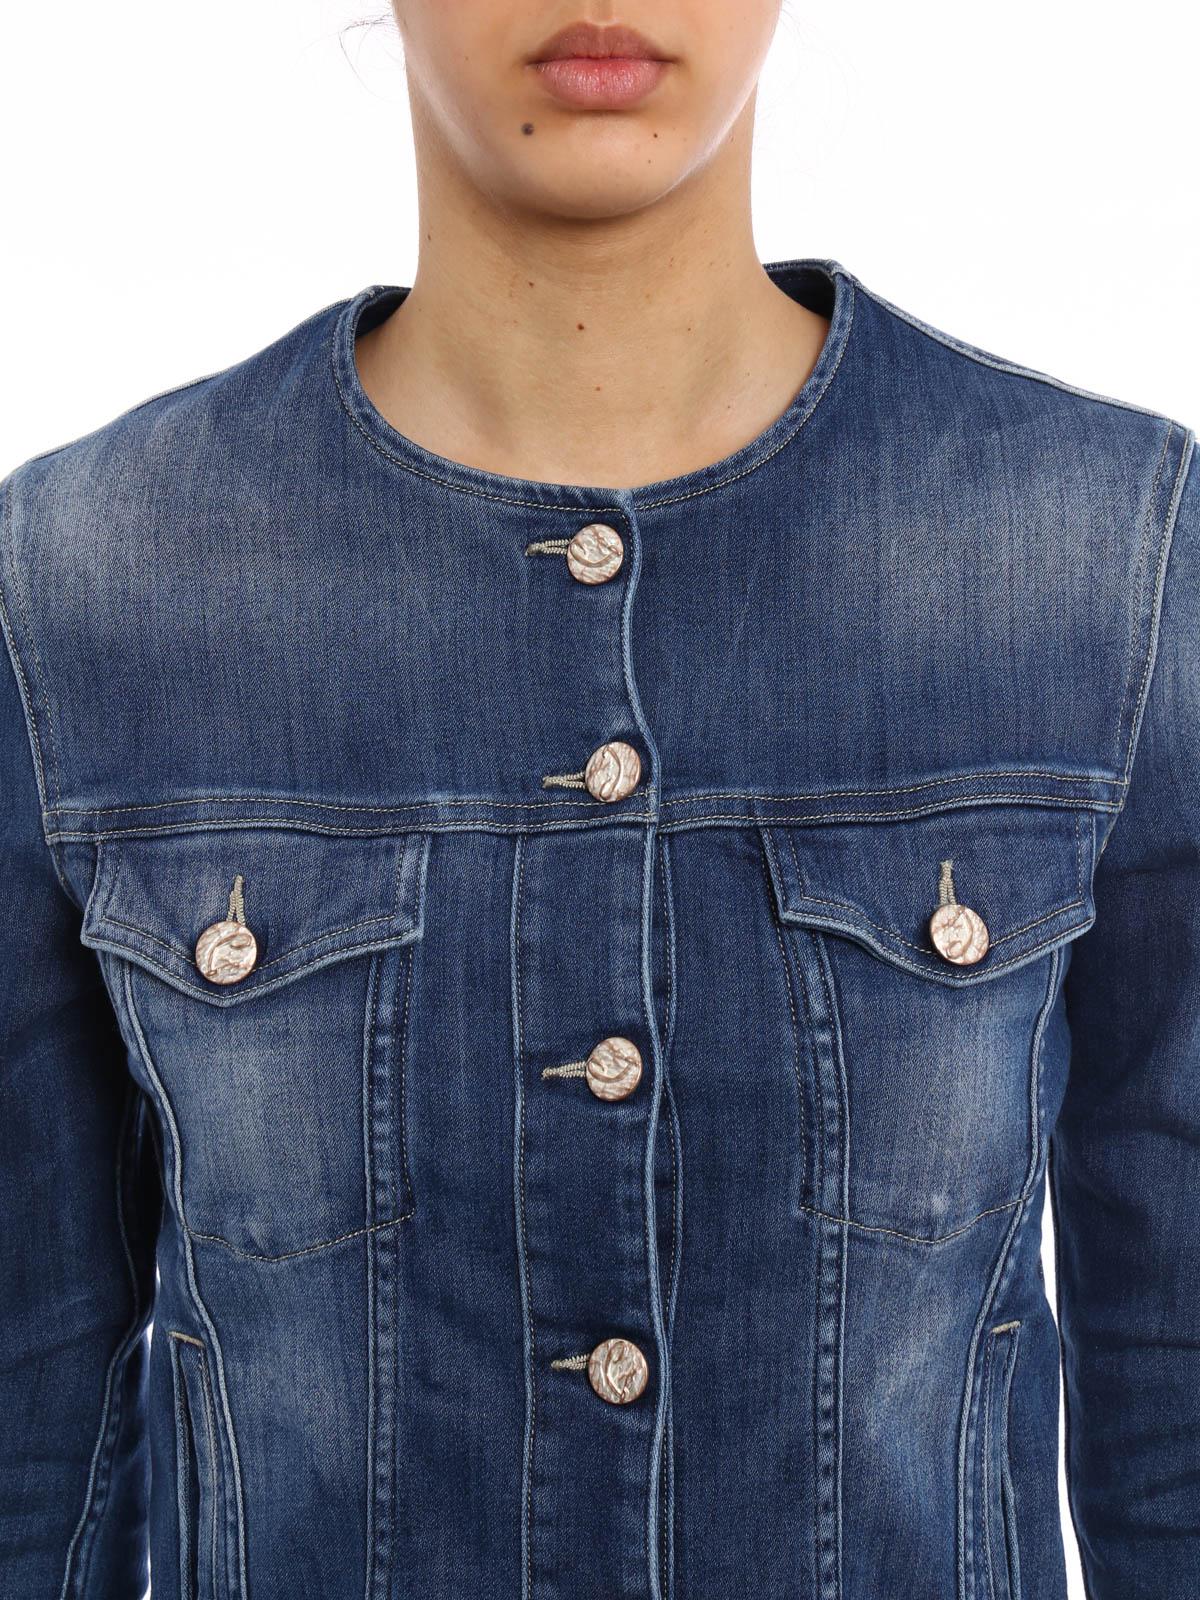 jeans Jacob Giubbotto Cohen PW95608768W2002 denim giacche qOpEO